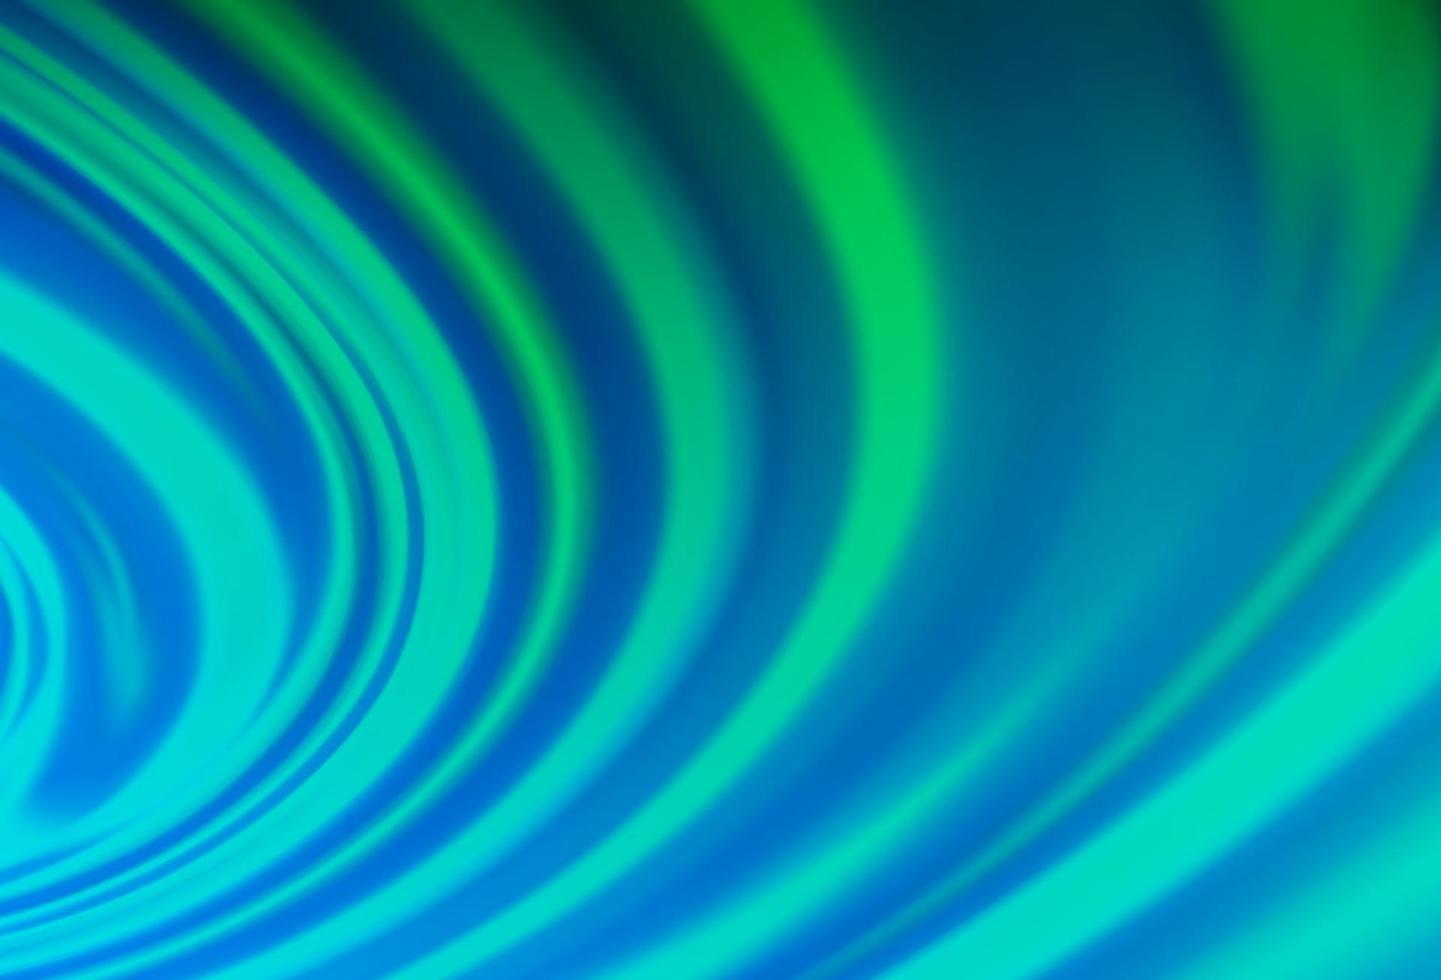 padrão de vetor azul e verde claro com linhas ovais.